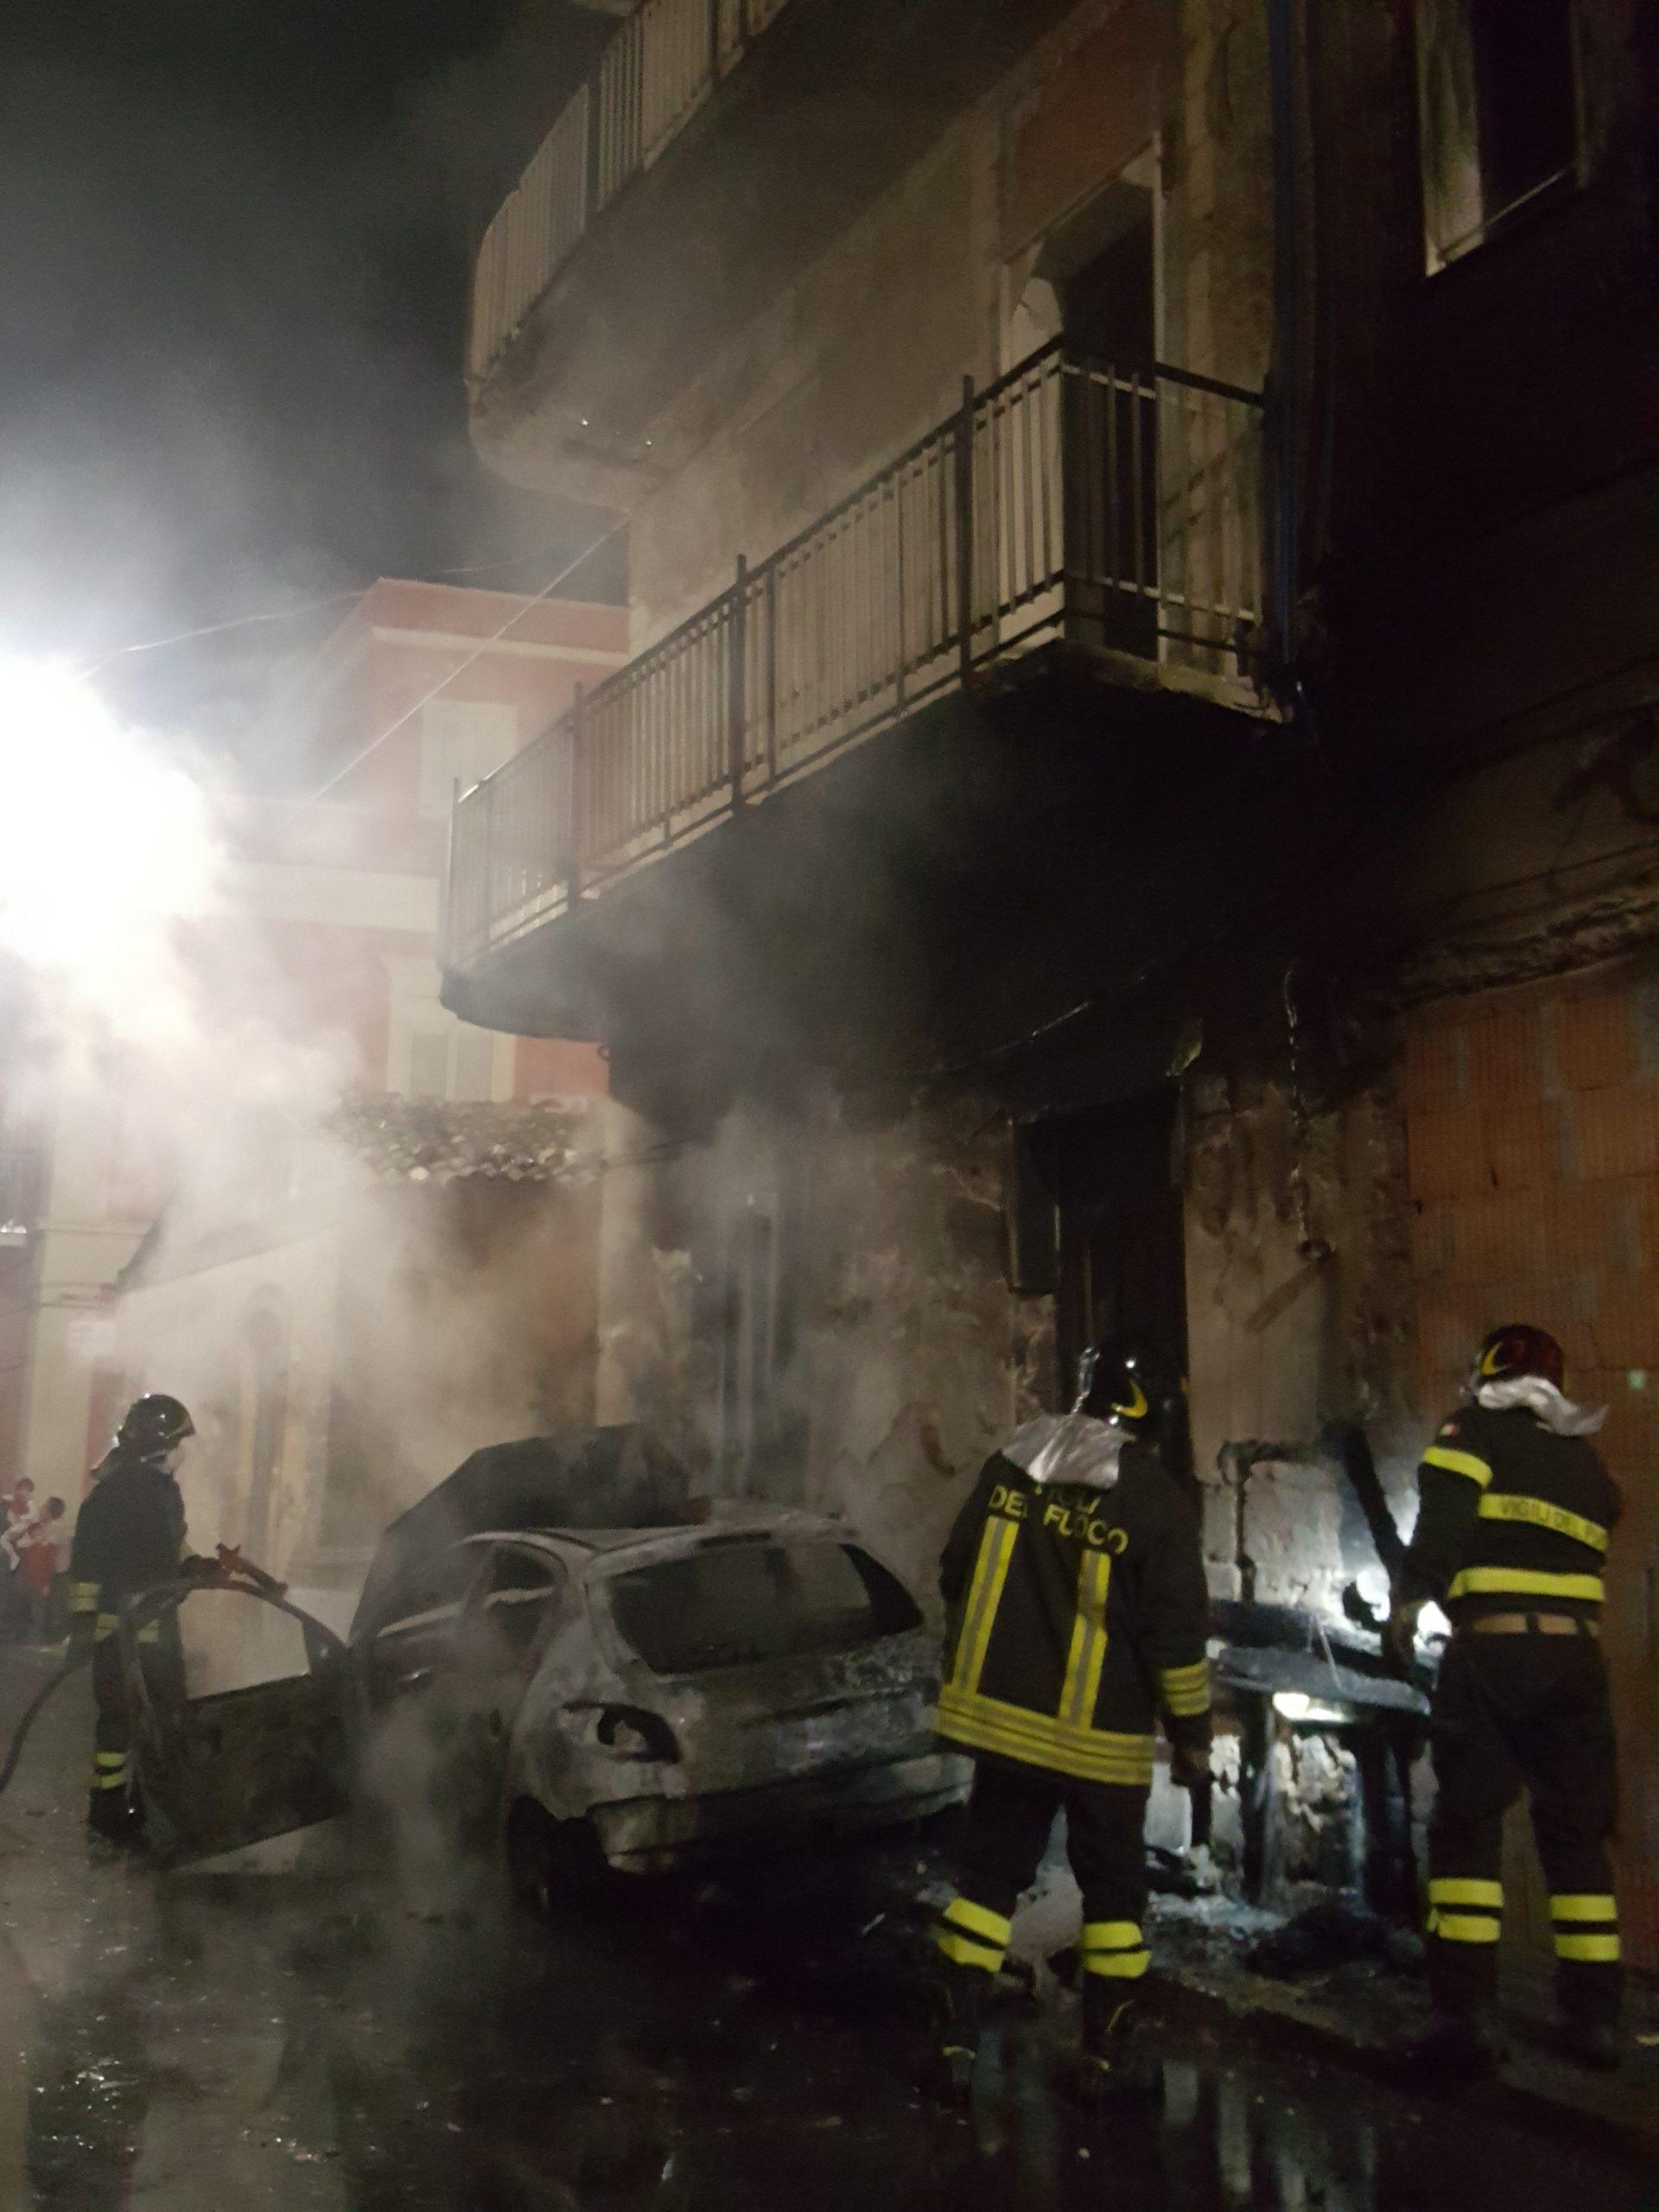 Carlentini, una macchina distrutta dalle fiamme in via Porta Siracusa. Danneggiata la facciata di una casa